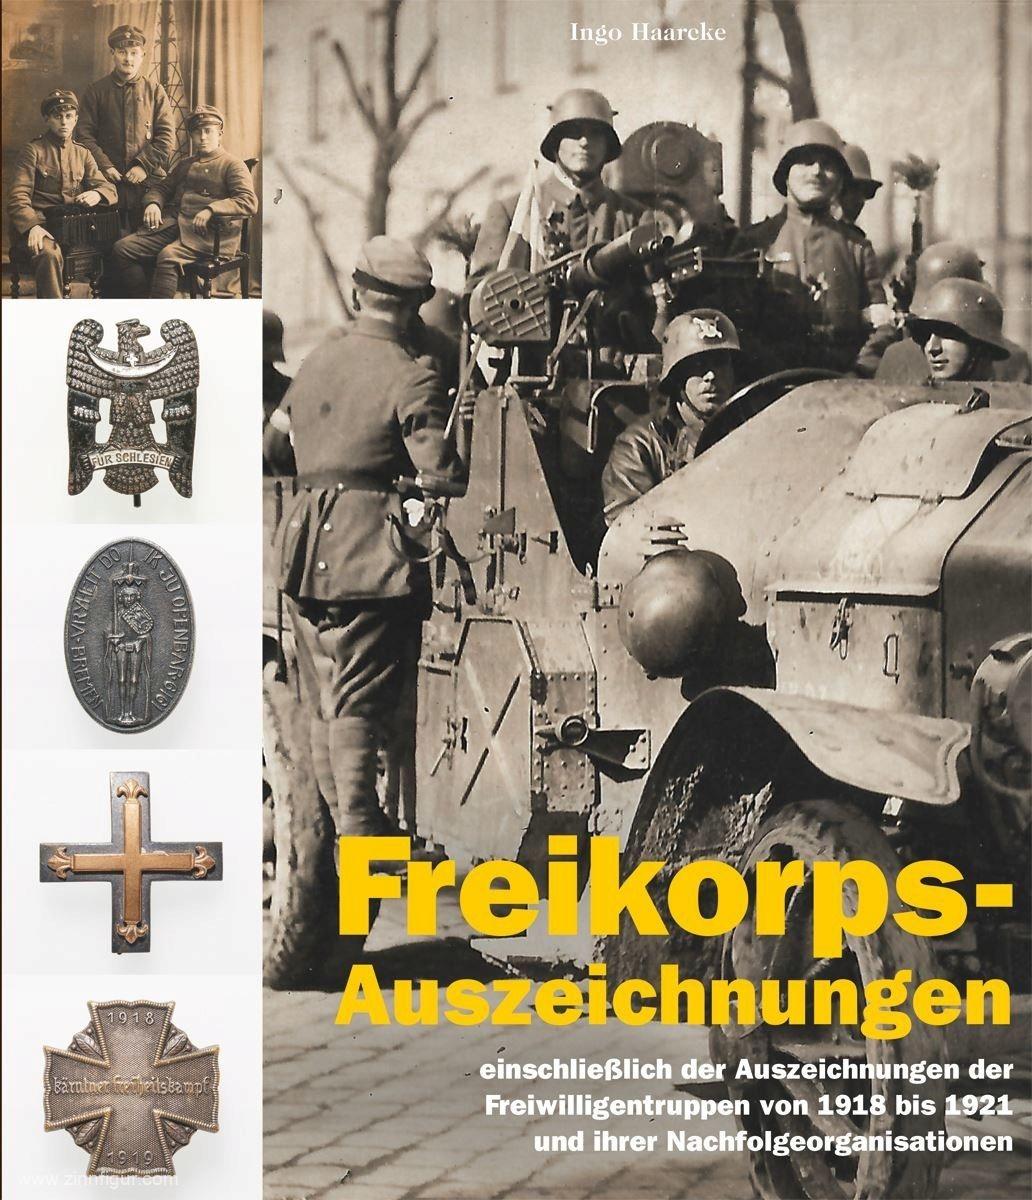 Freikorps-Auszeichnungen